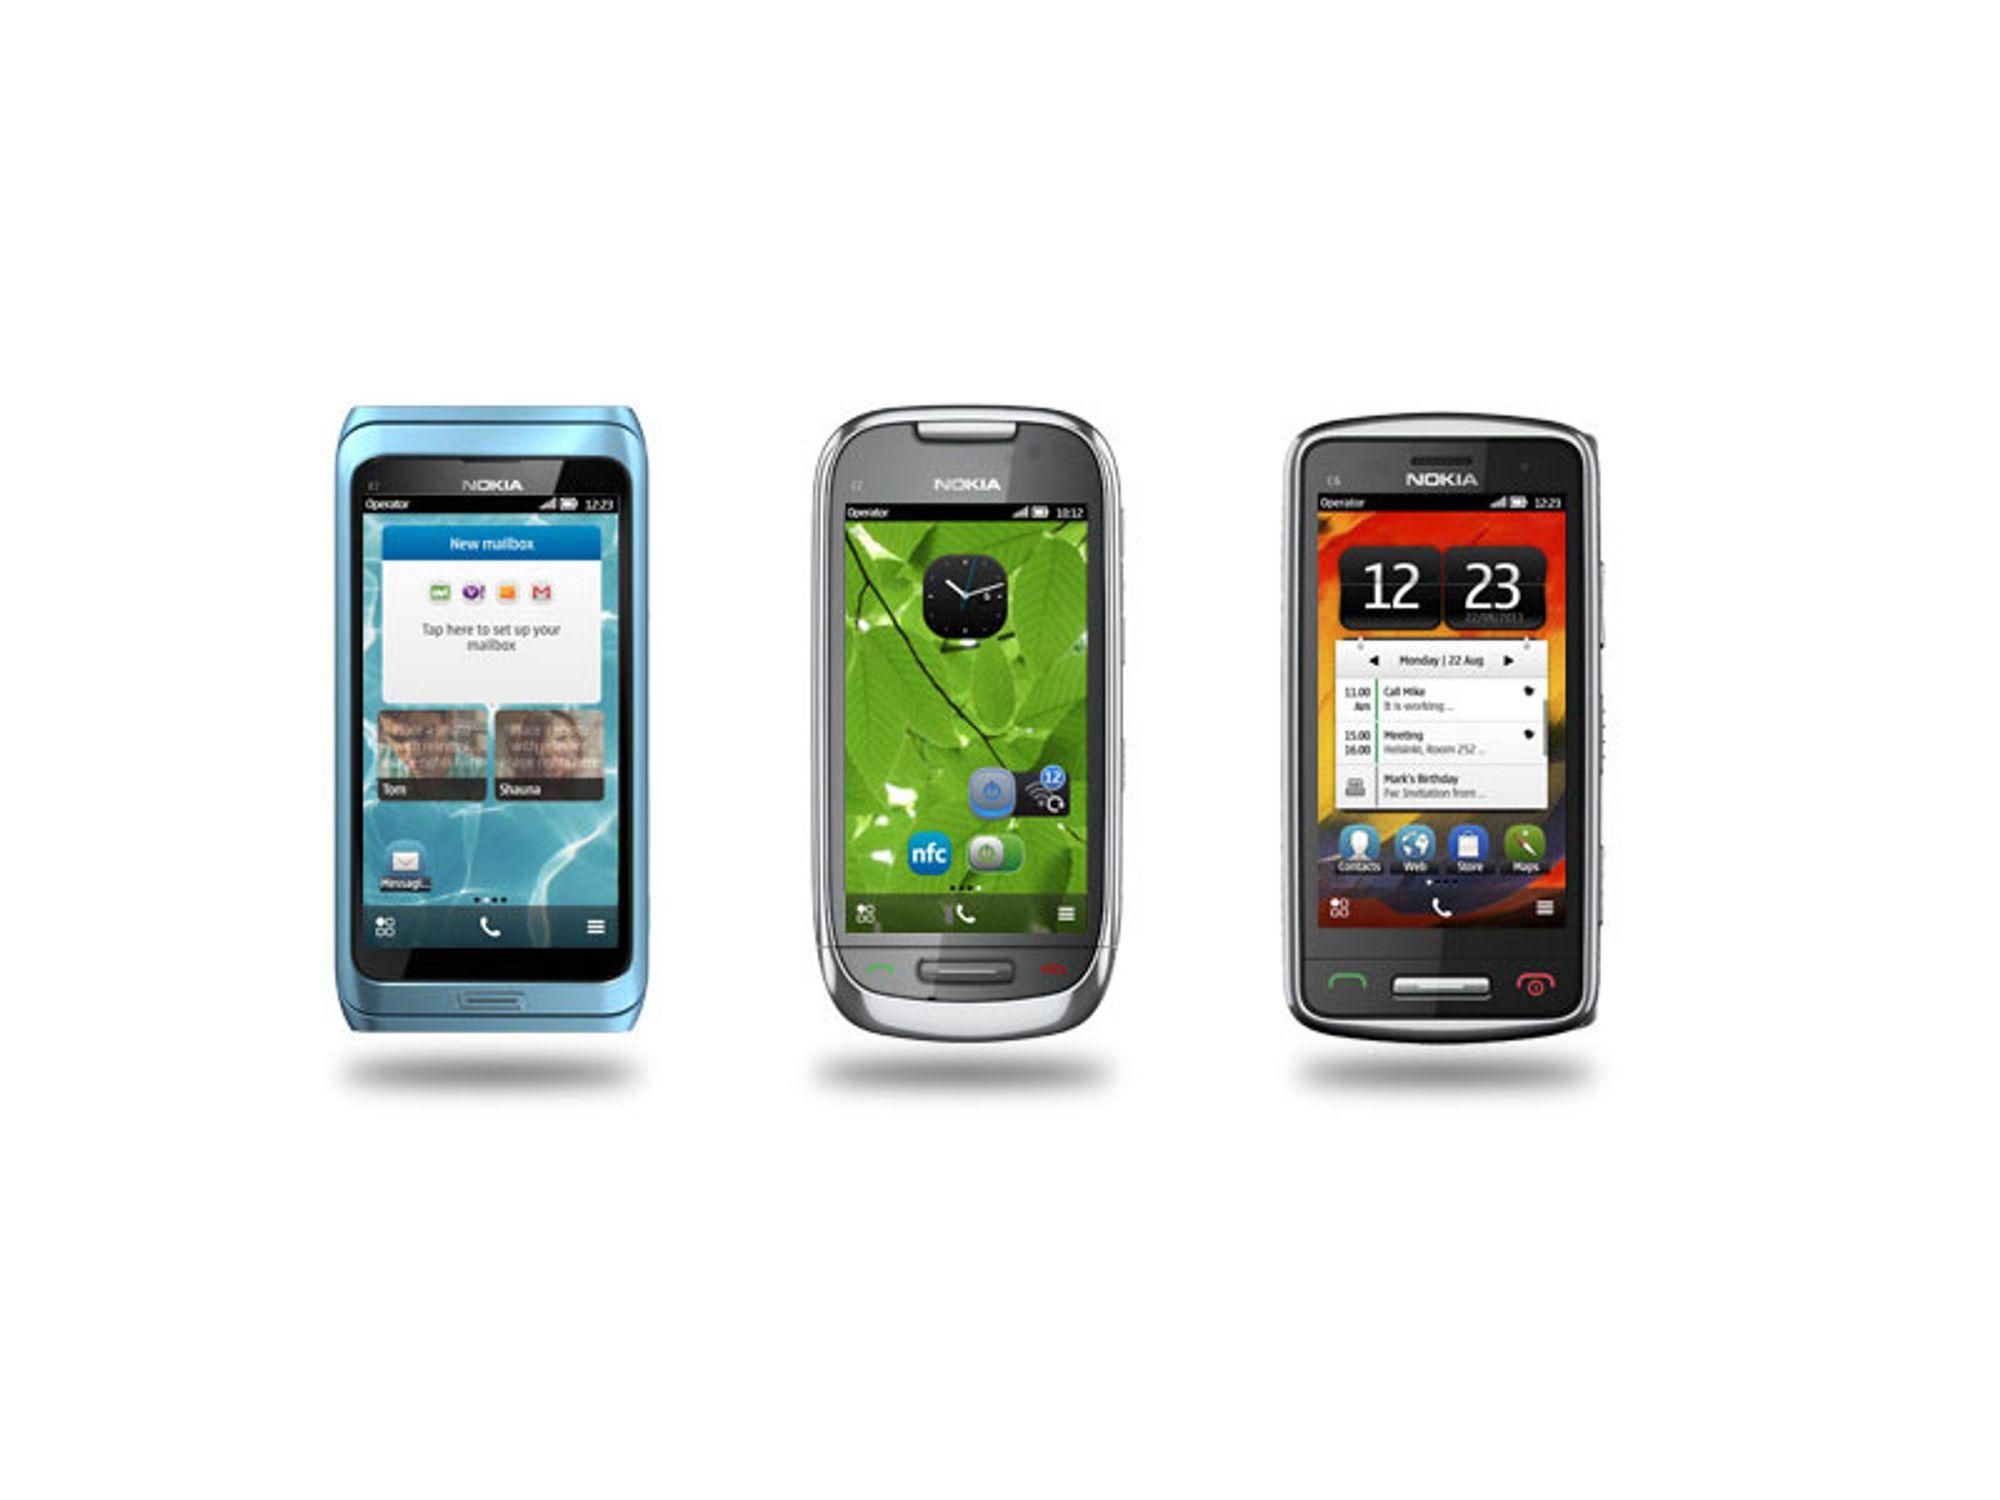 Nokia oppdaterer Symbian Belle